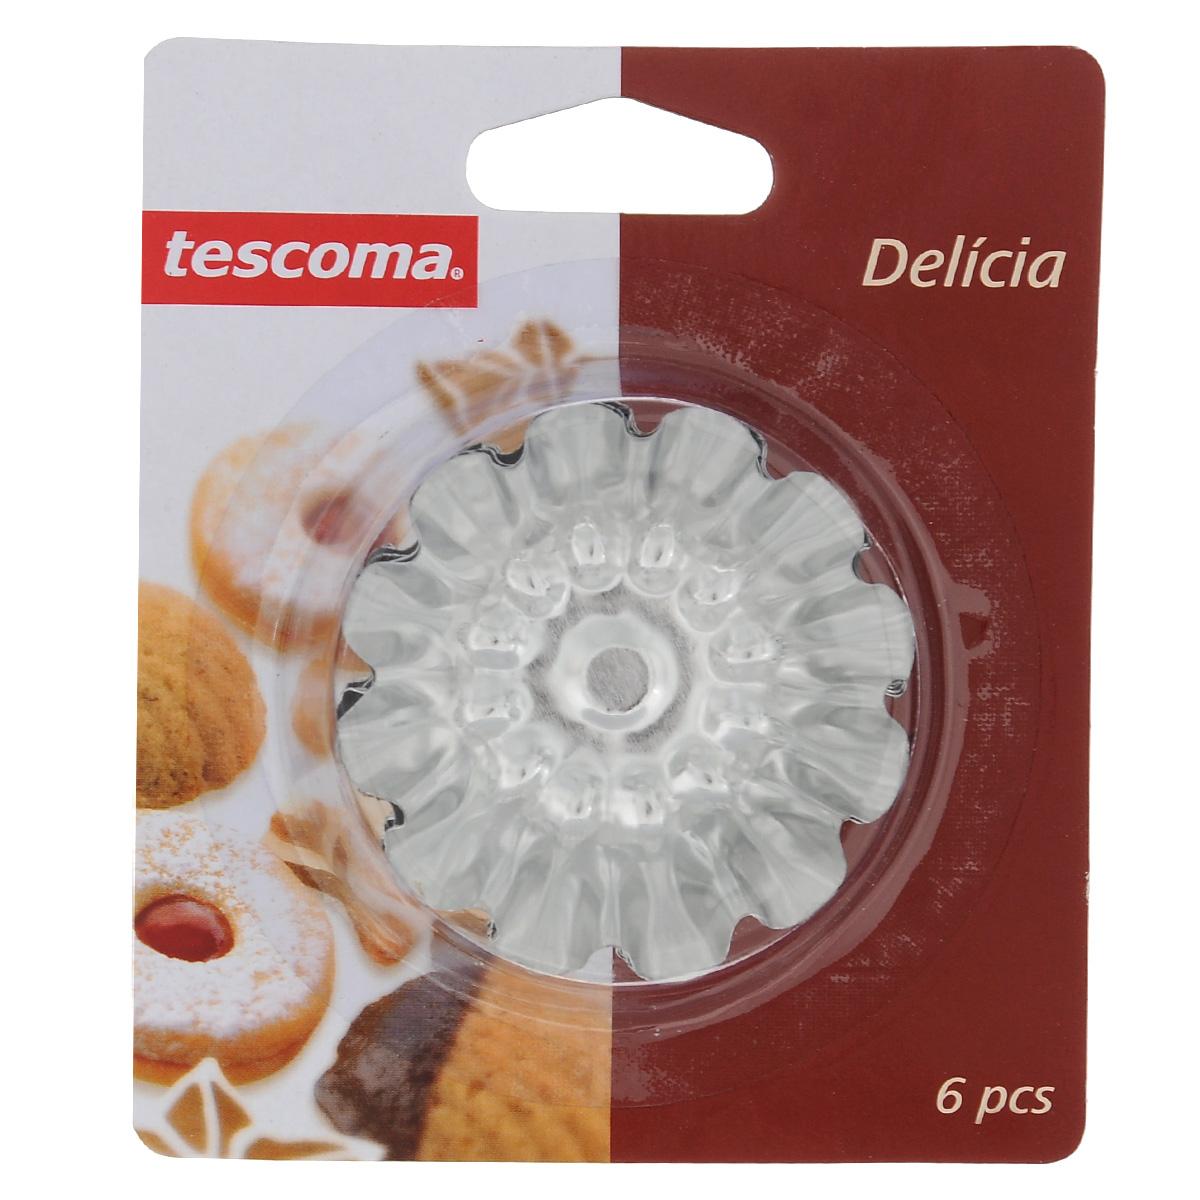 Набор форм для выпечки Tescoma Delicia, с антипригарным покрытием, диаметр 7 см, 6 шт трафареты для украшения выпечки tescoma delicia диаметр 21 см 6 шт